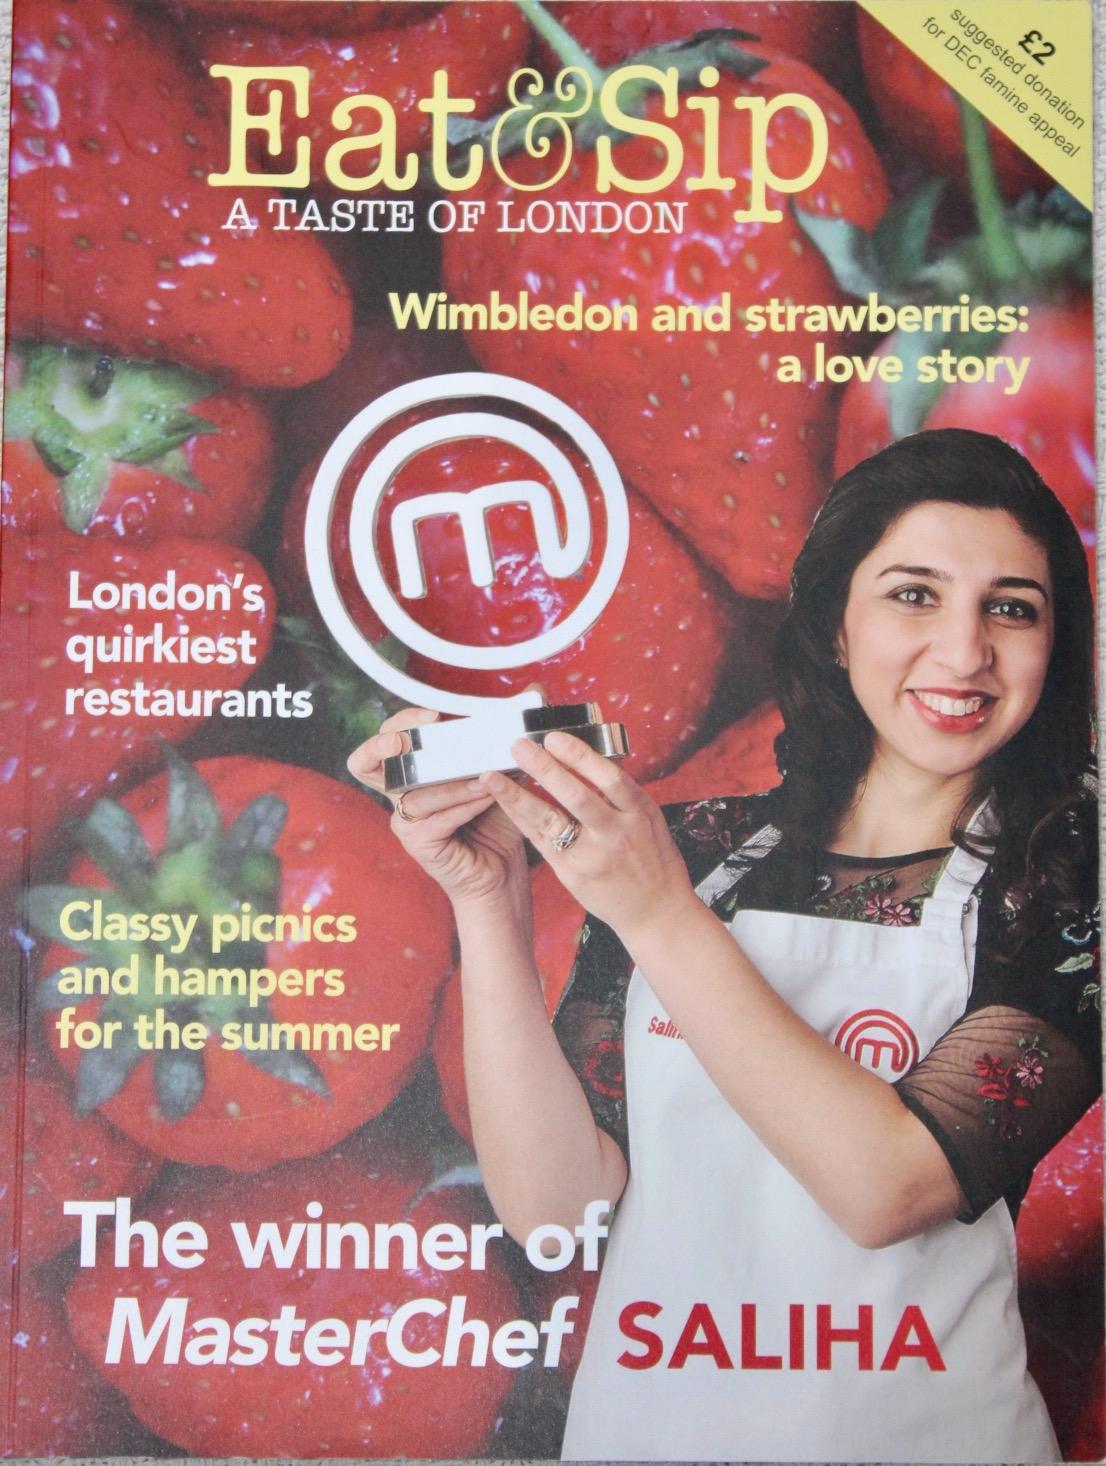 Eat & Sip: A Taste Of London